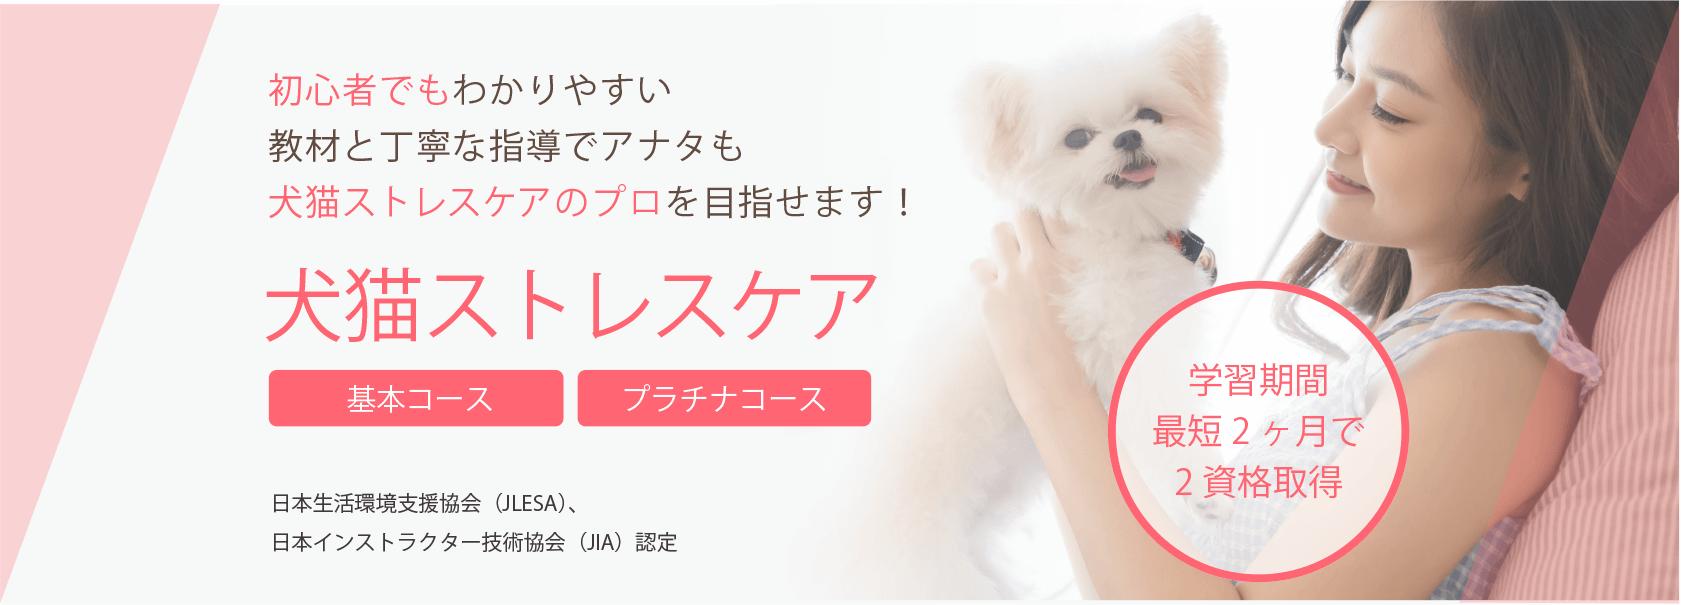 犬猫ストレスケア資格取得の通信教育講座